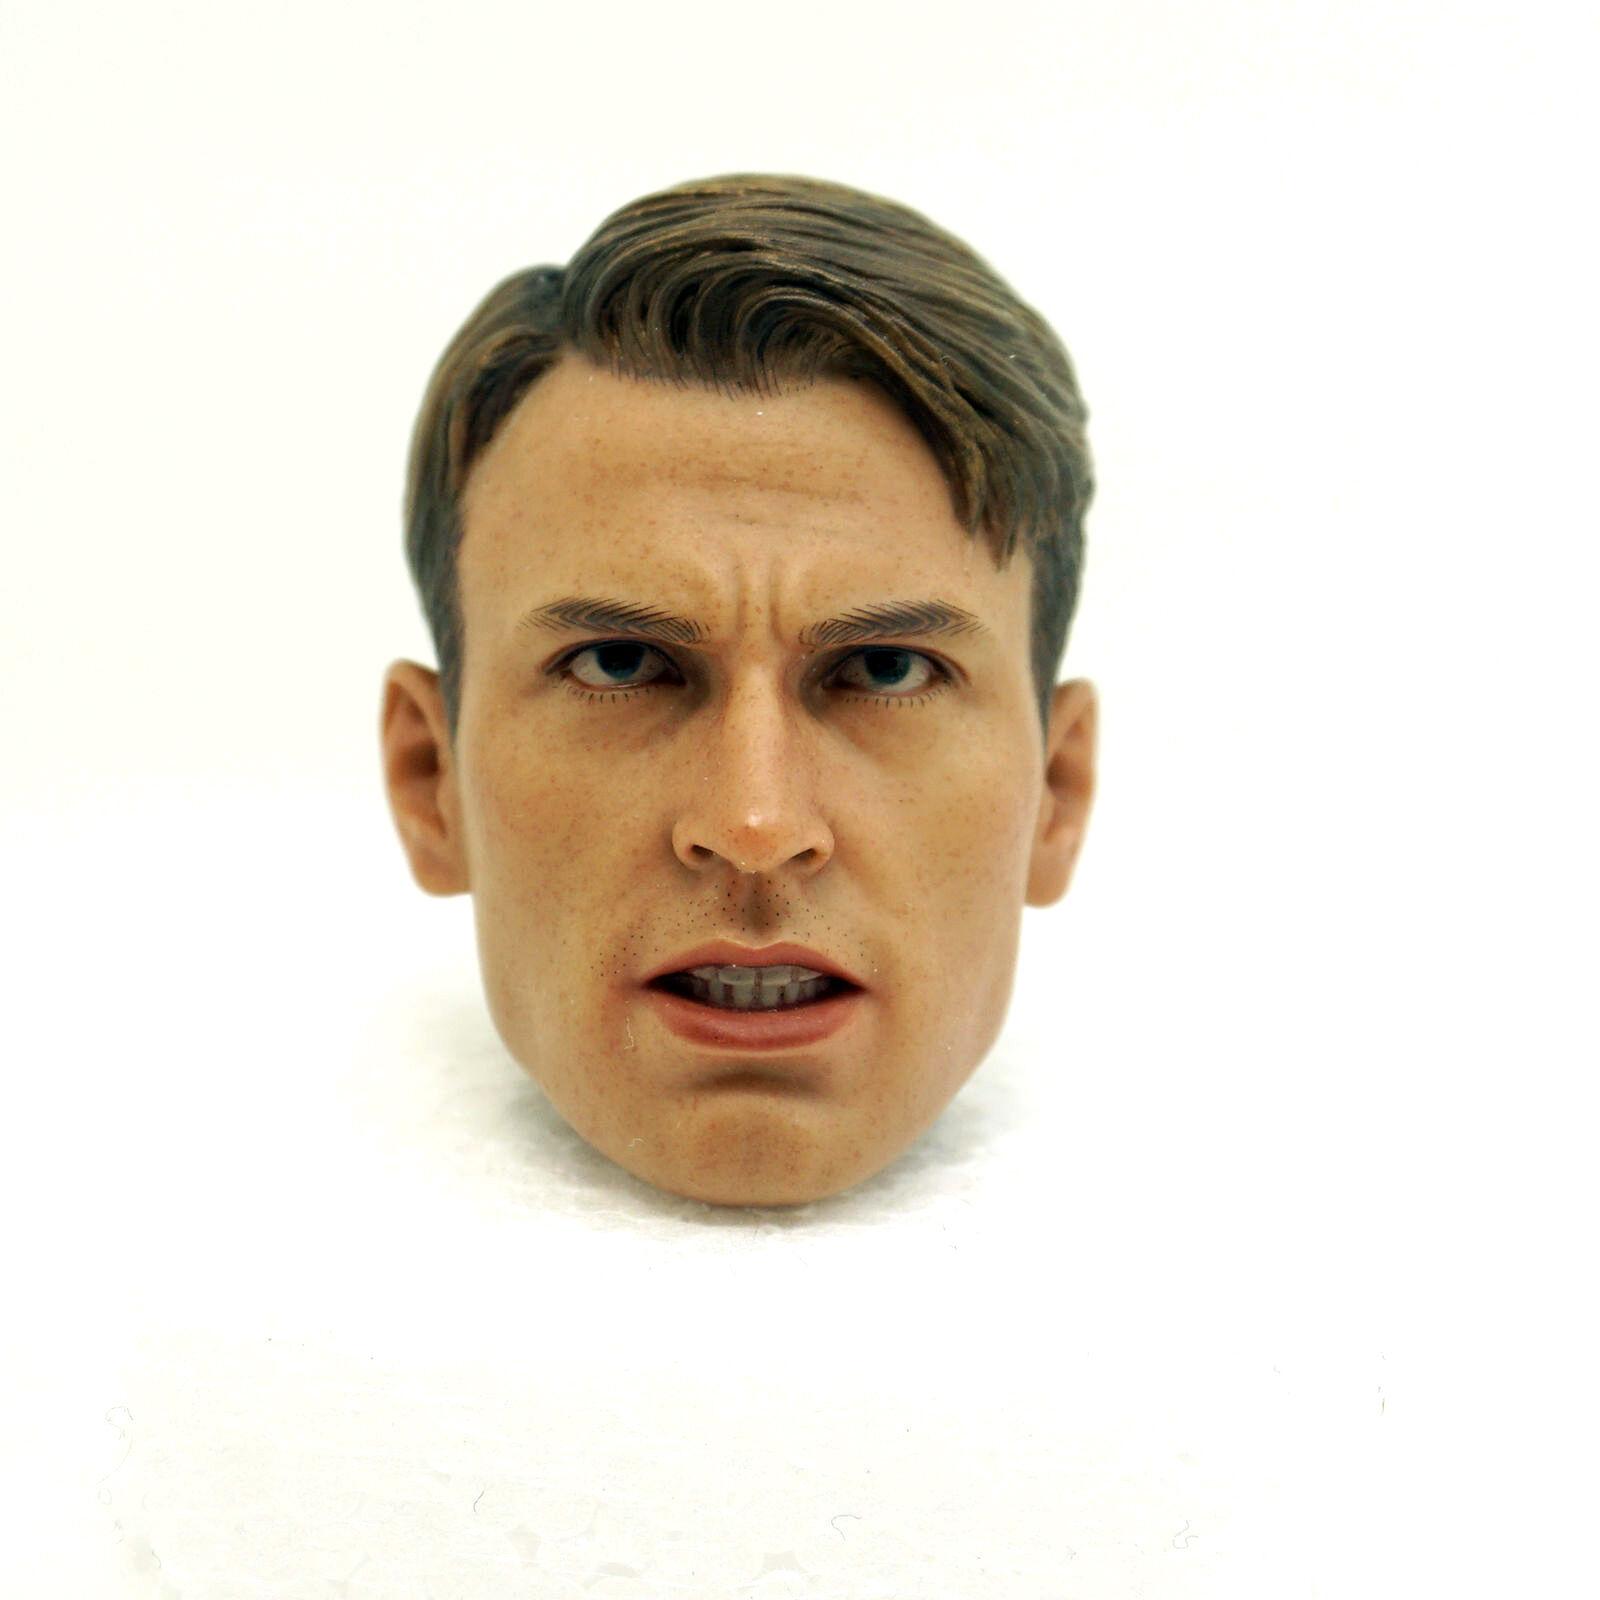 X18-07 1 6 Escala Escultura de cabeza HOT TOYS Capitán América